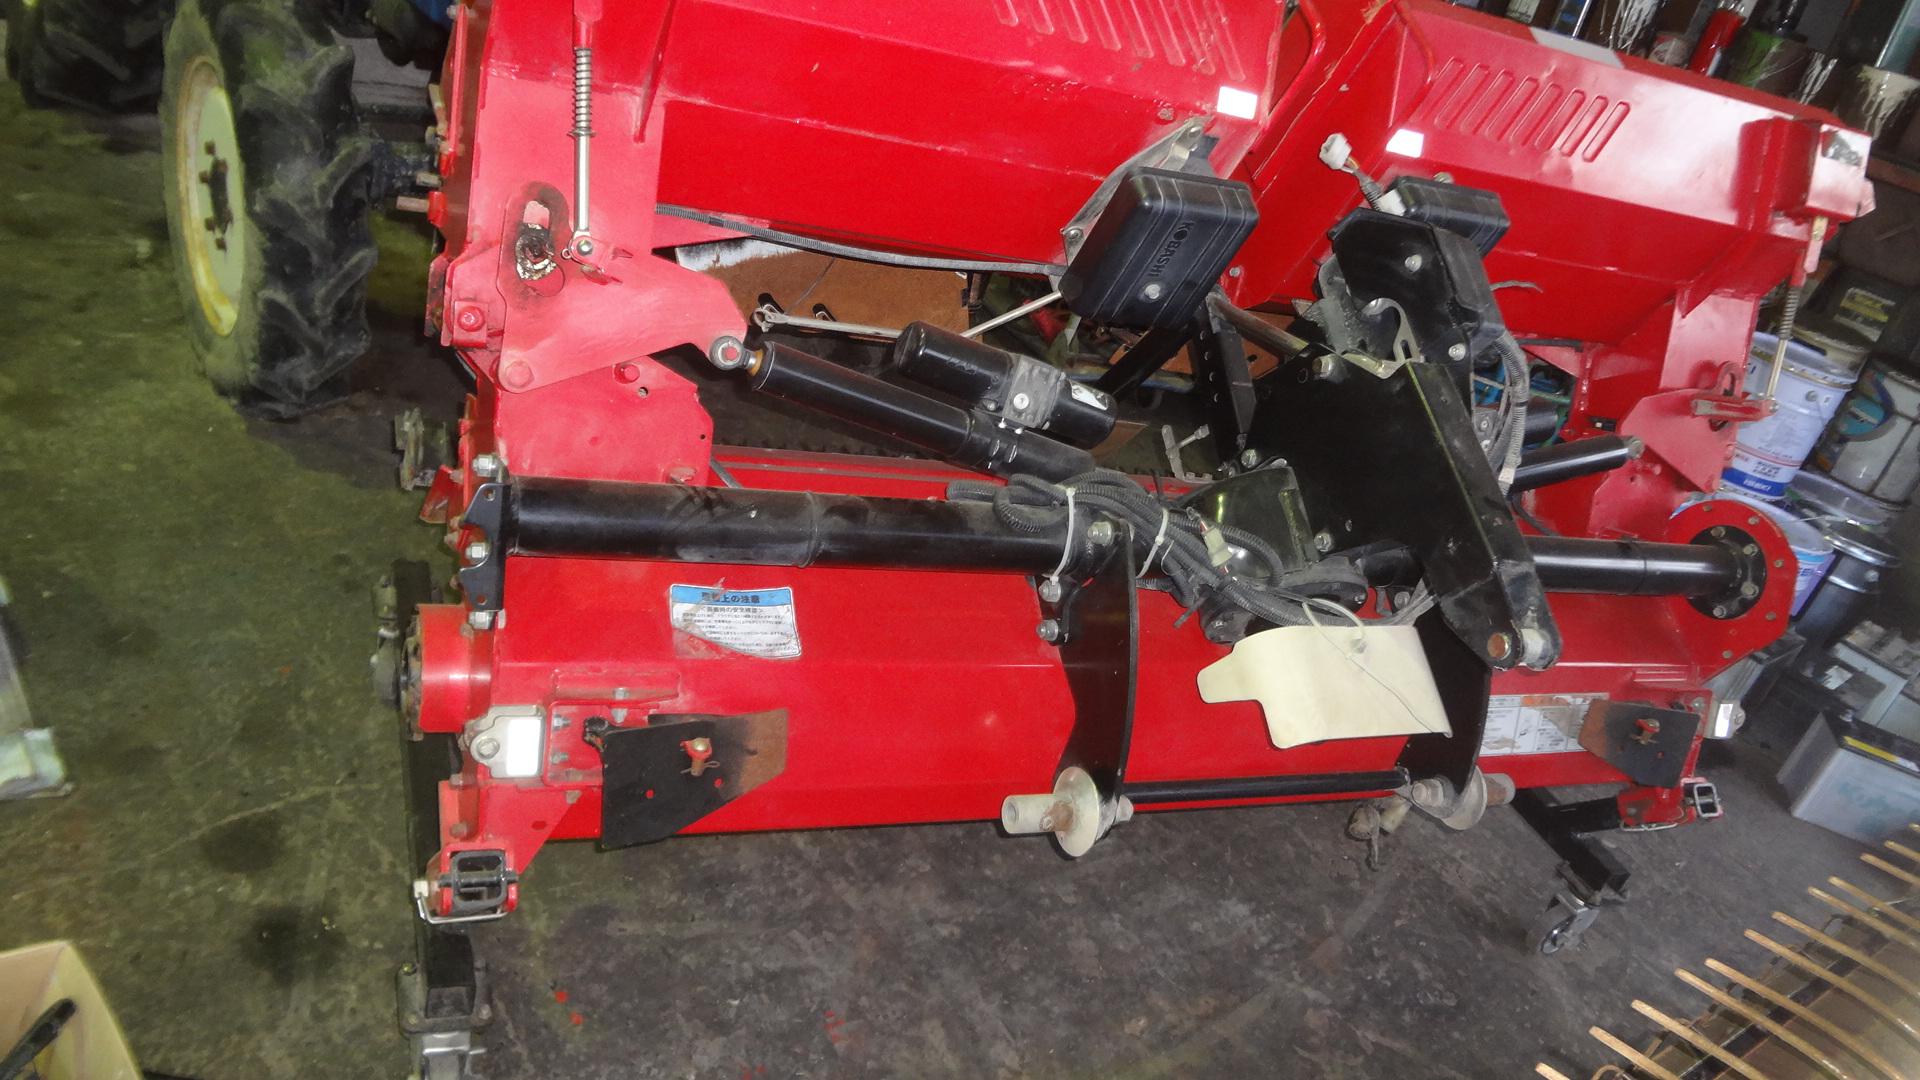 中古ハロー コバシ 3つ折れ 3.5m TX350E 日農工0Sヒッチ 電動